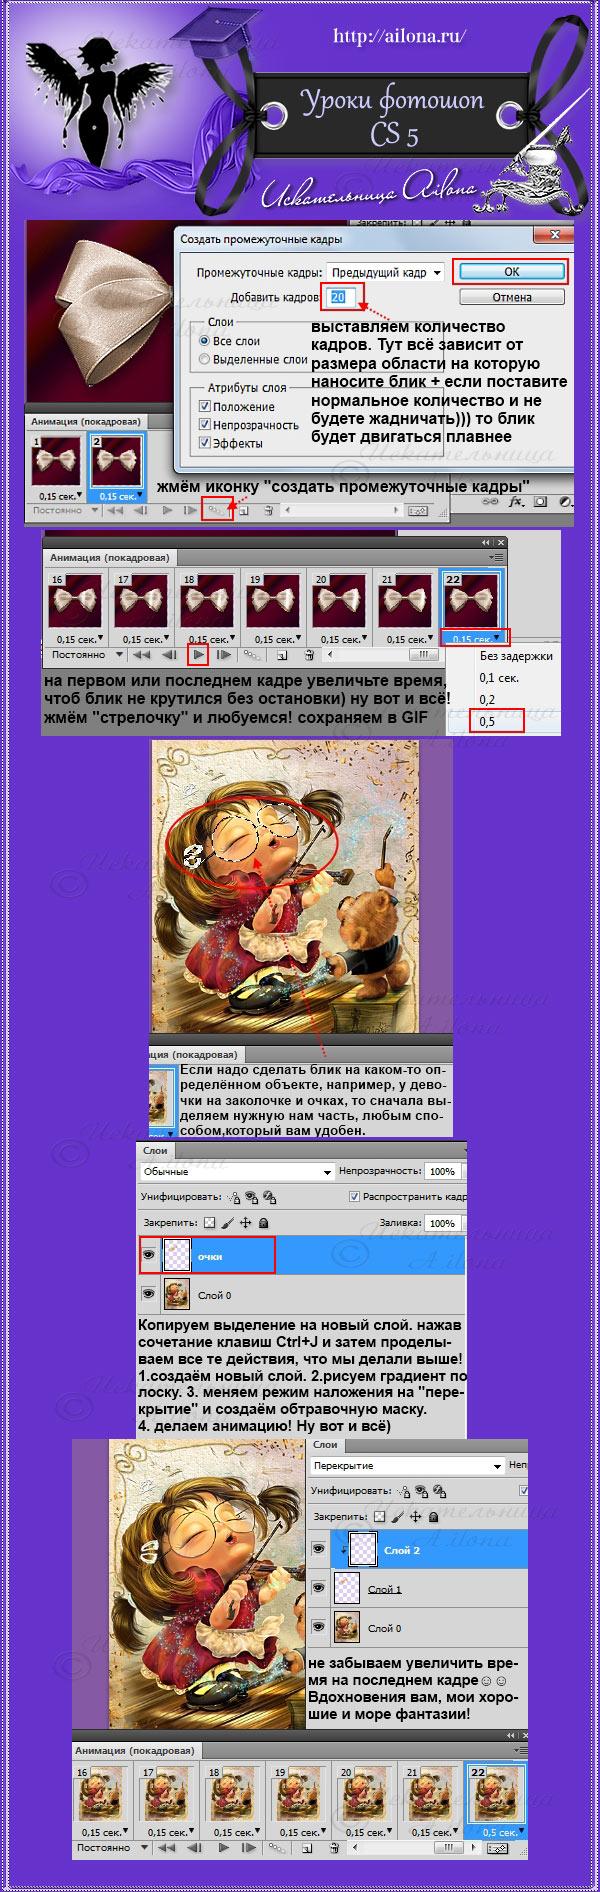 Уроки фотошоп от Искательницы Ailona, скользящий блик в фотошоп